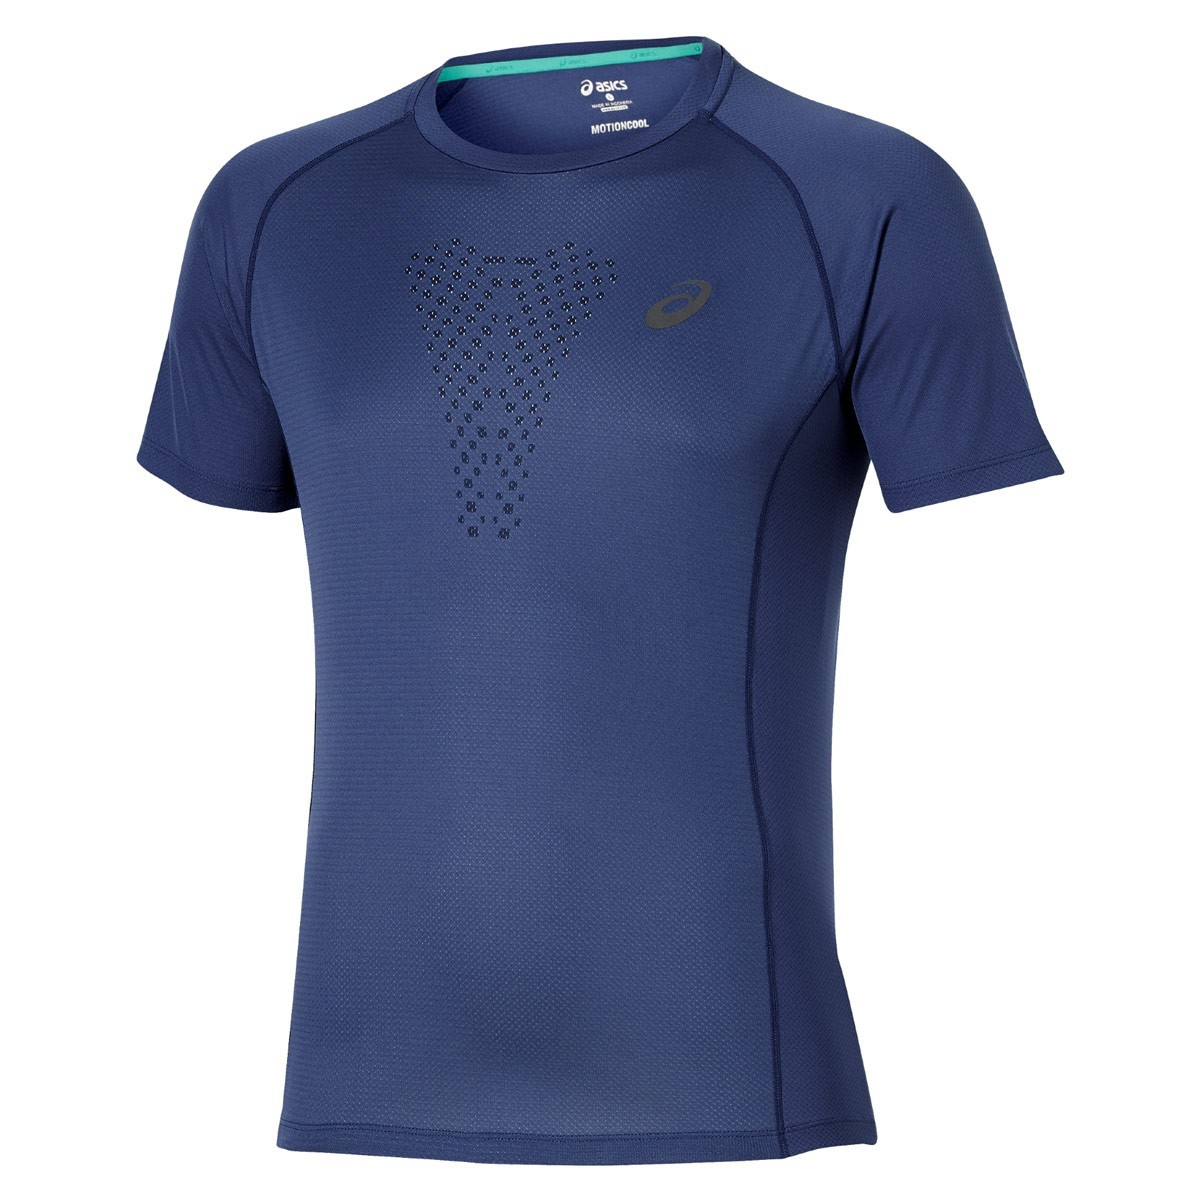 Мужская футболка для бега Asics FujiTrail Ultra Top (130006 8133) синяя фото